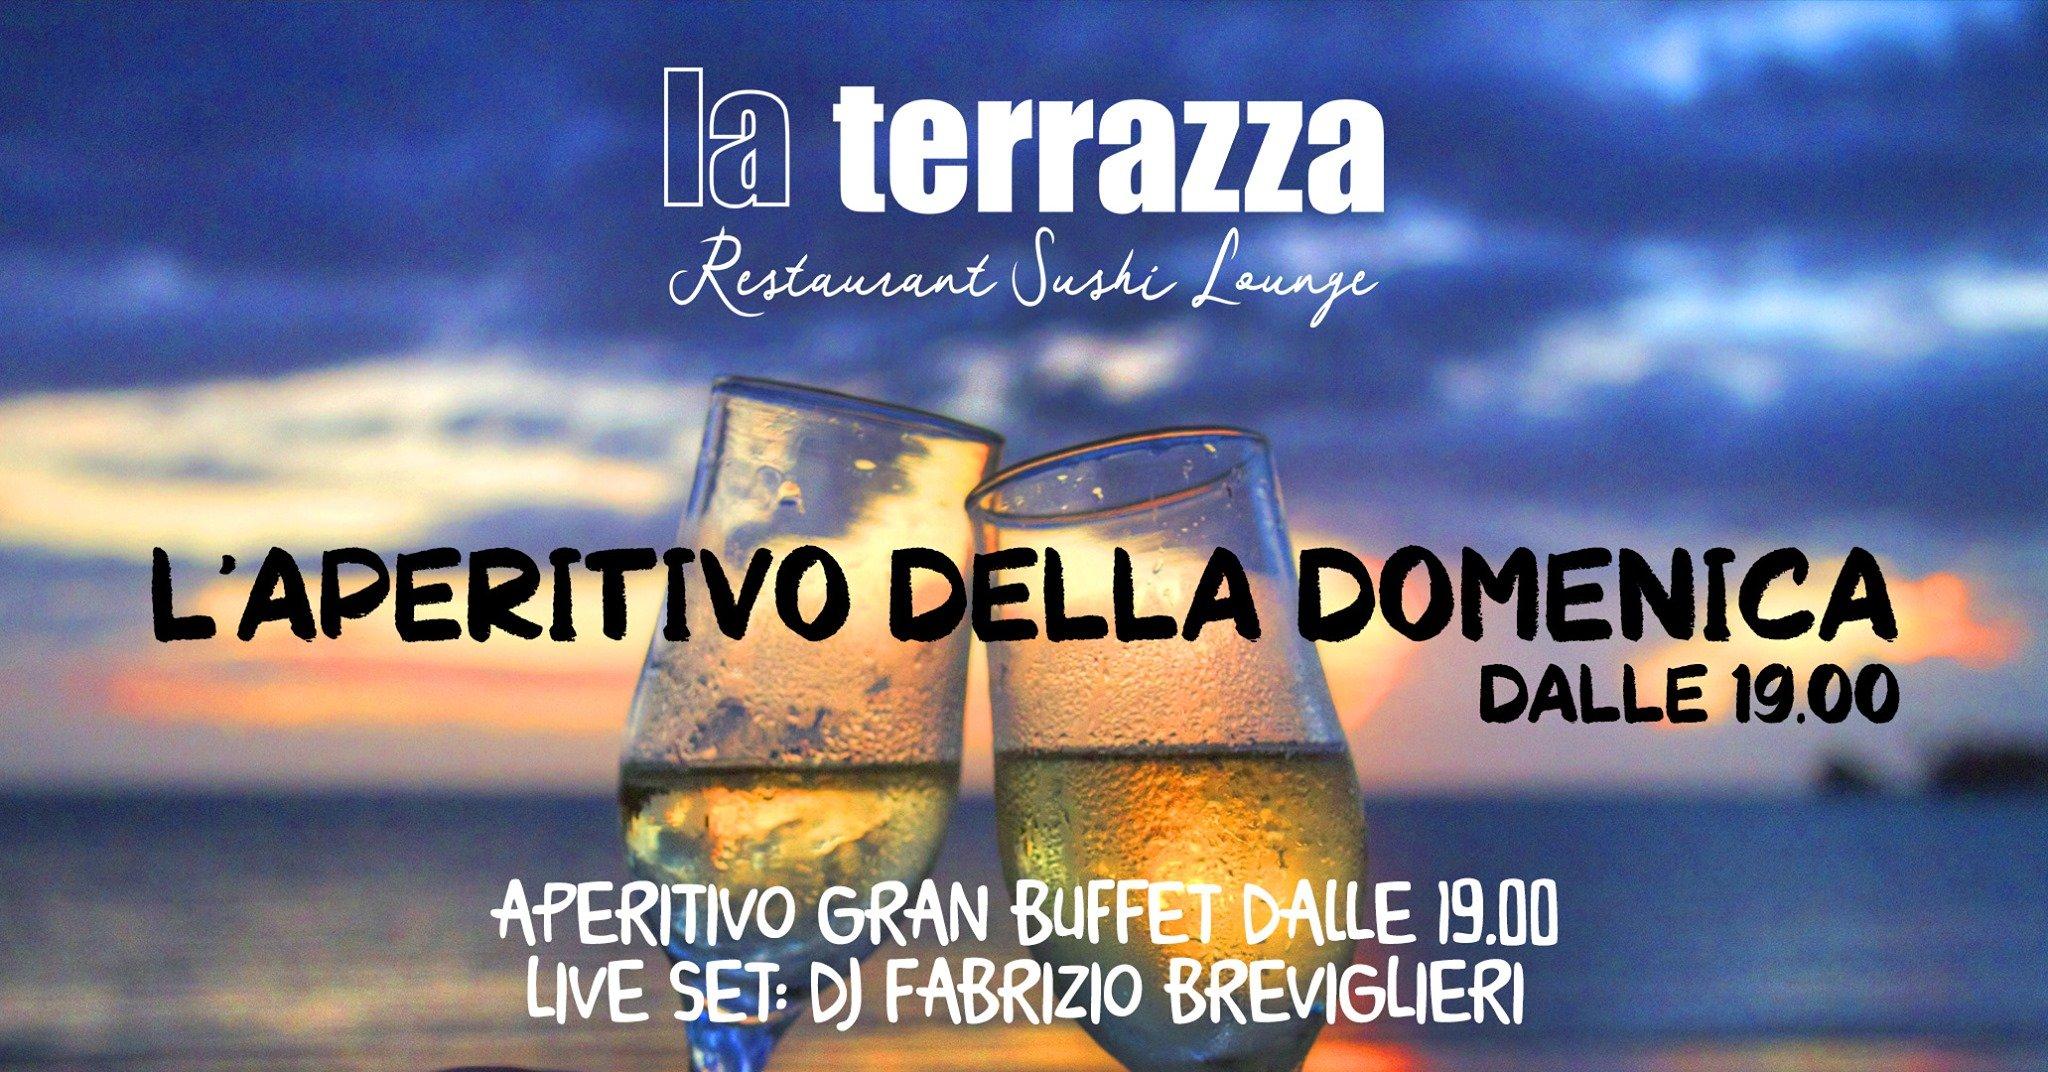 Fabrizio Breviglieri dj set a La Terrazza di San Benedetto Del Tronto